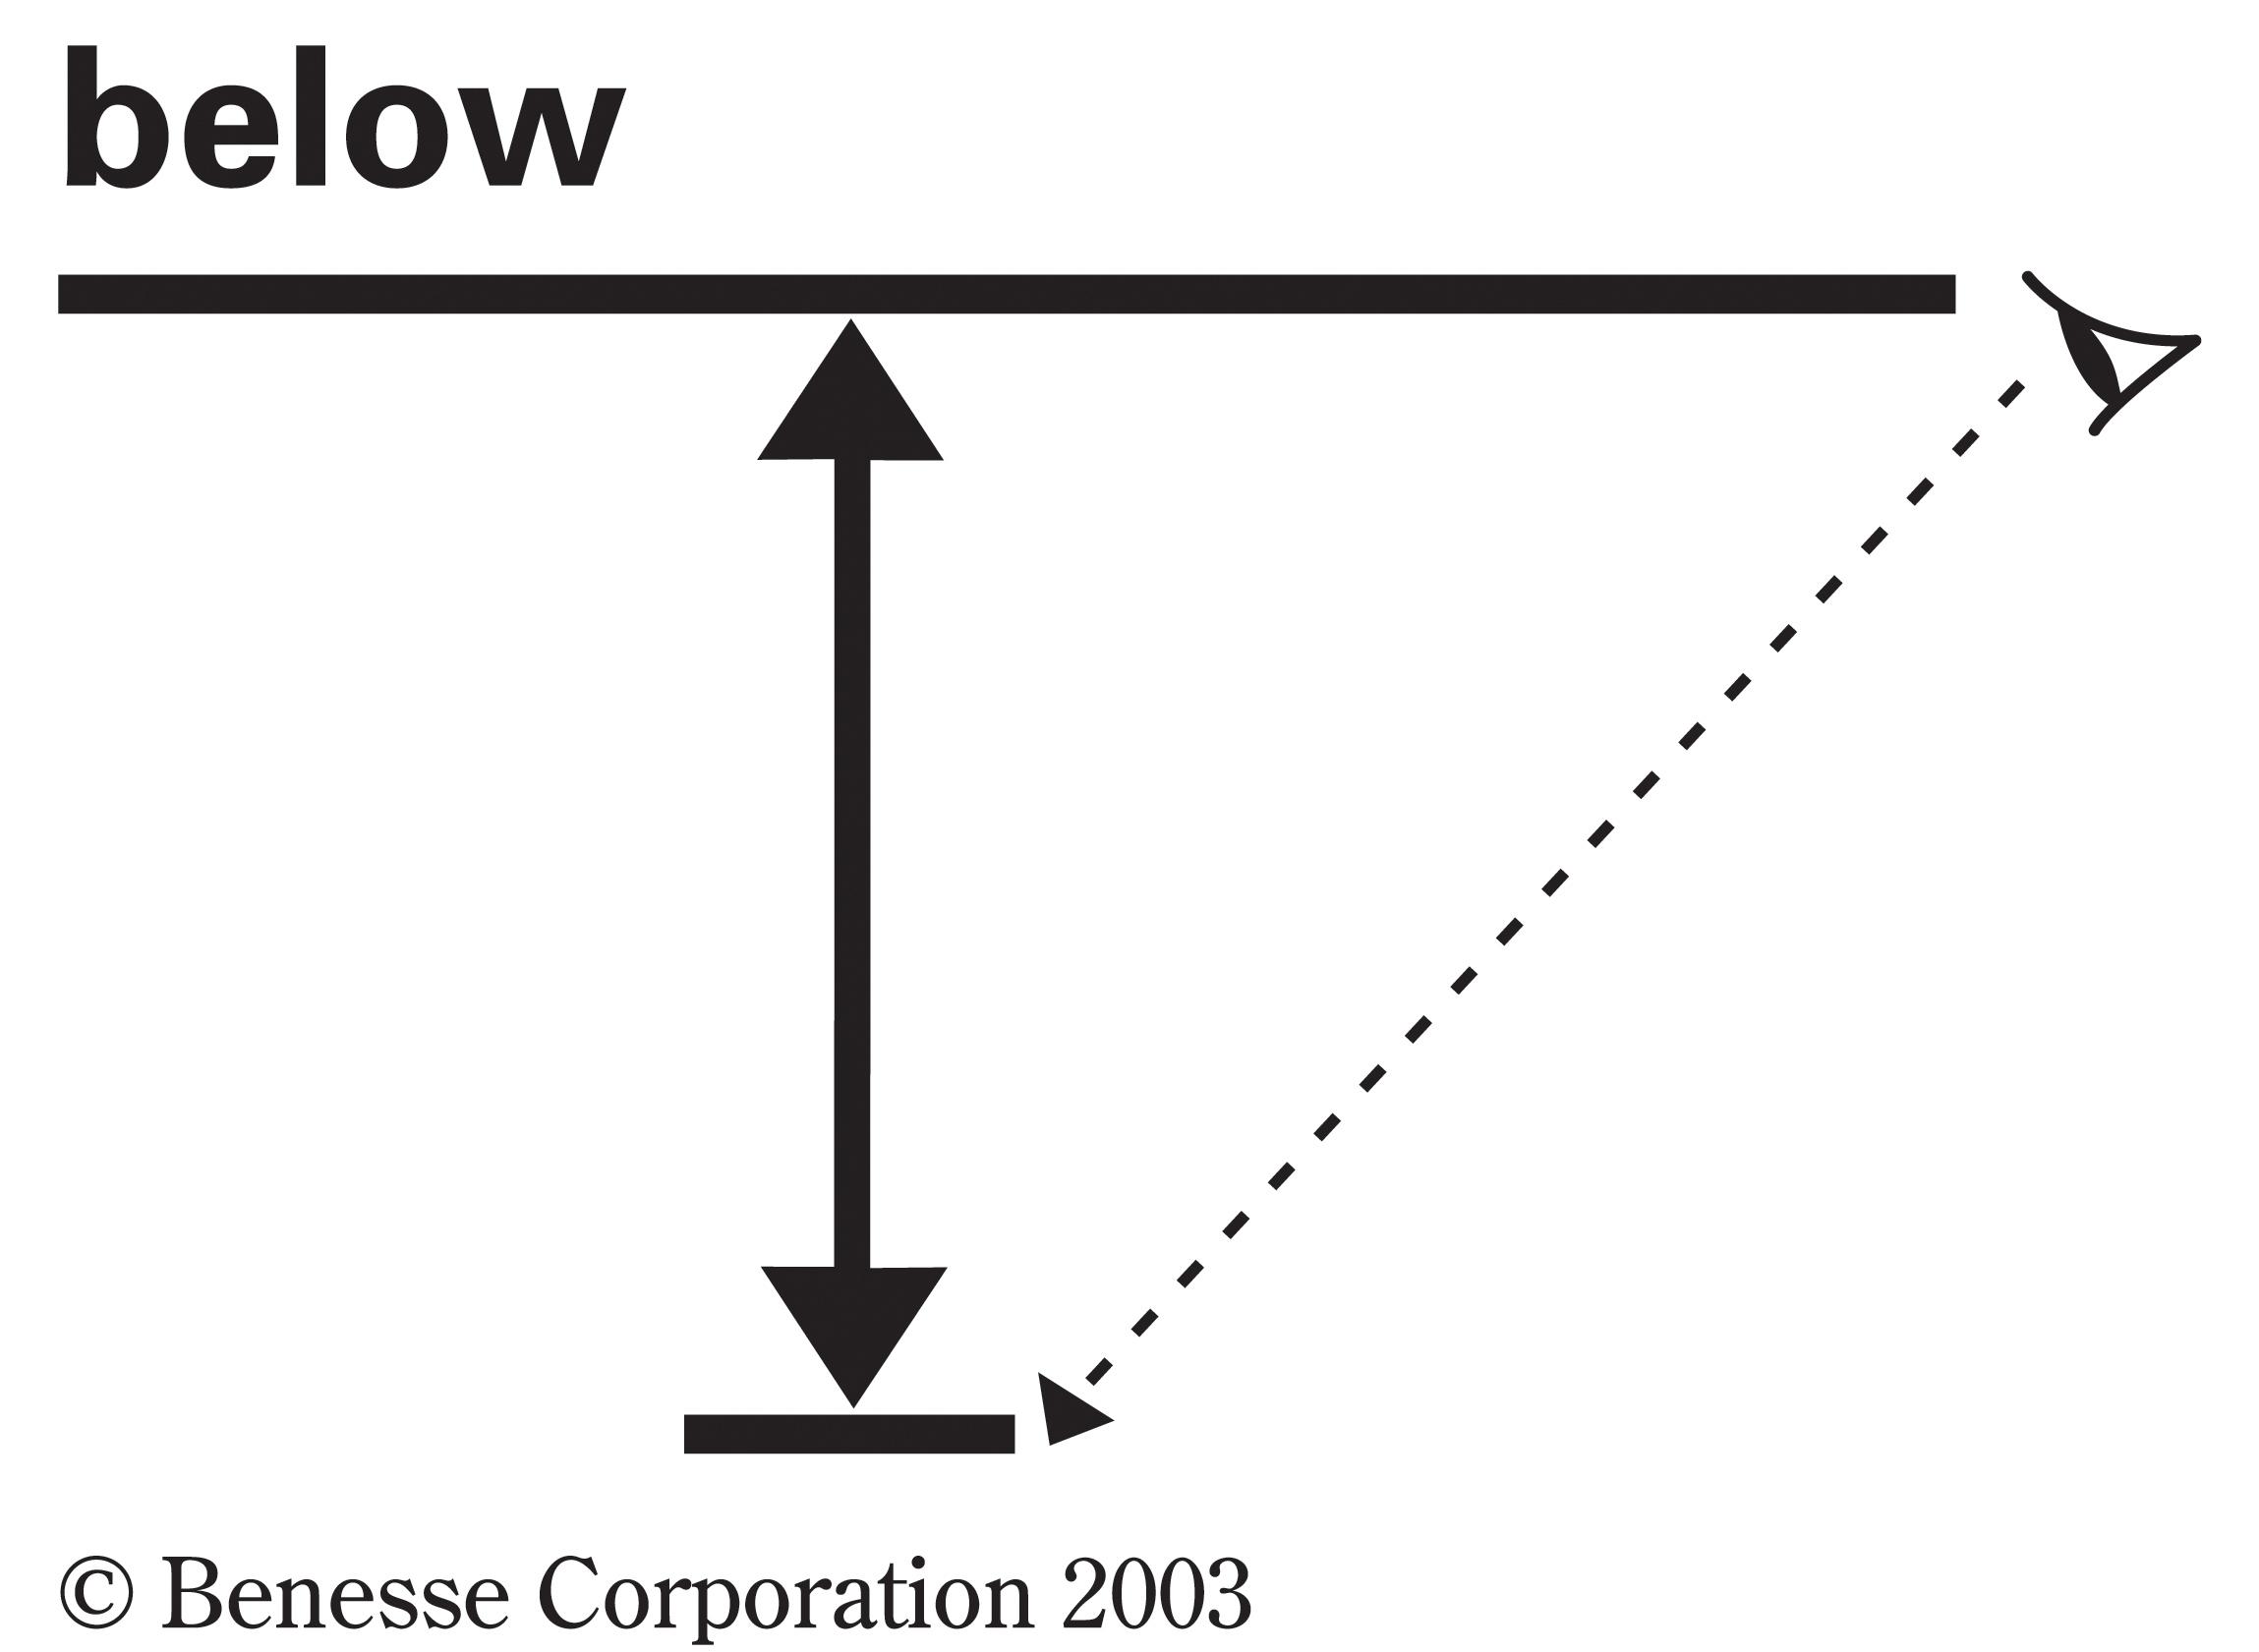 below01.jpg